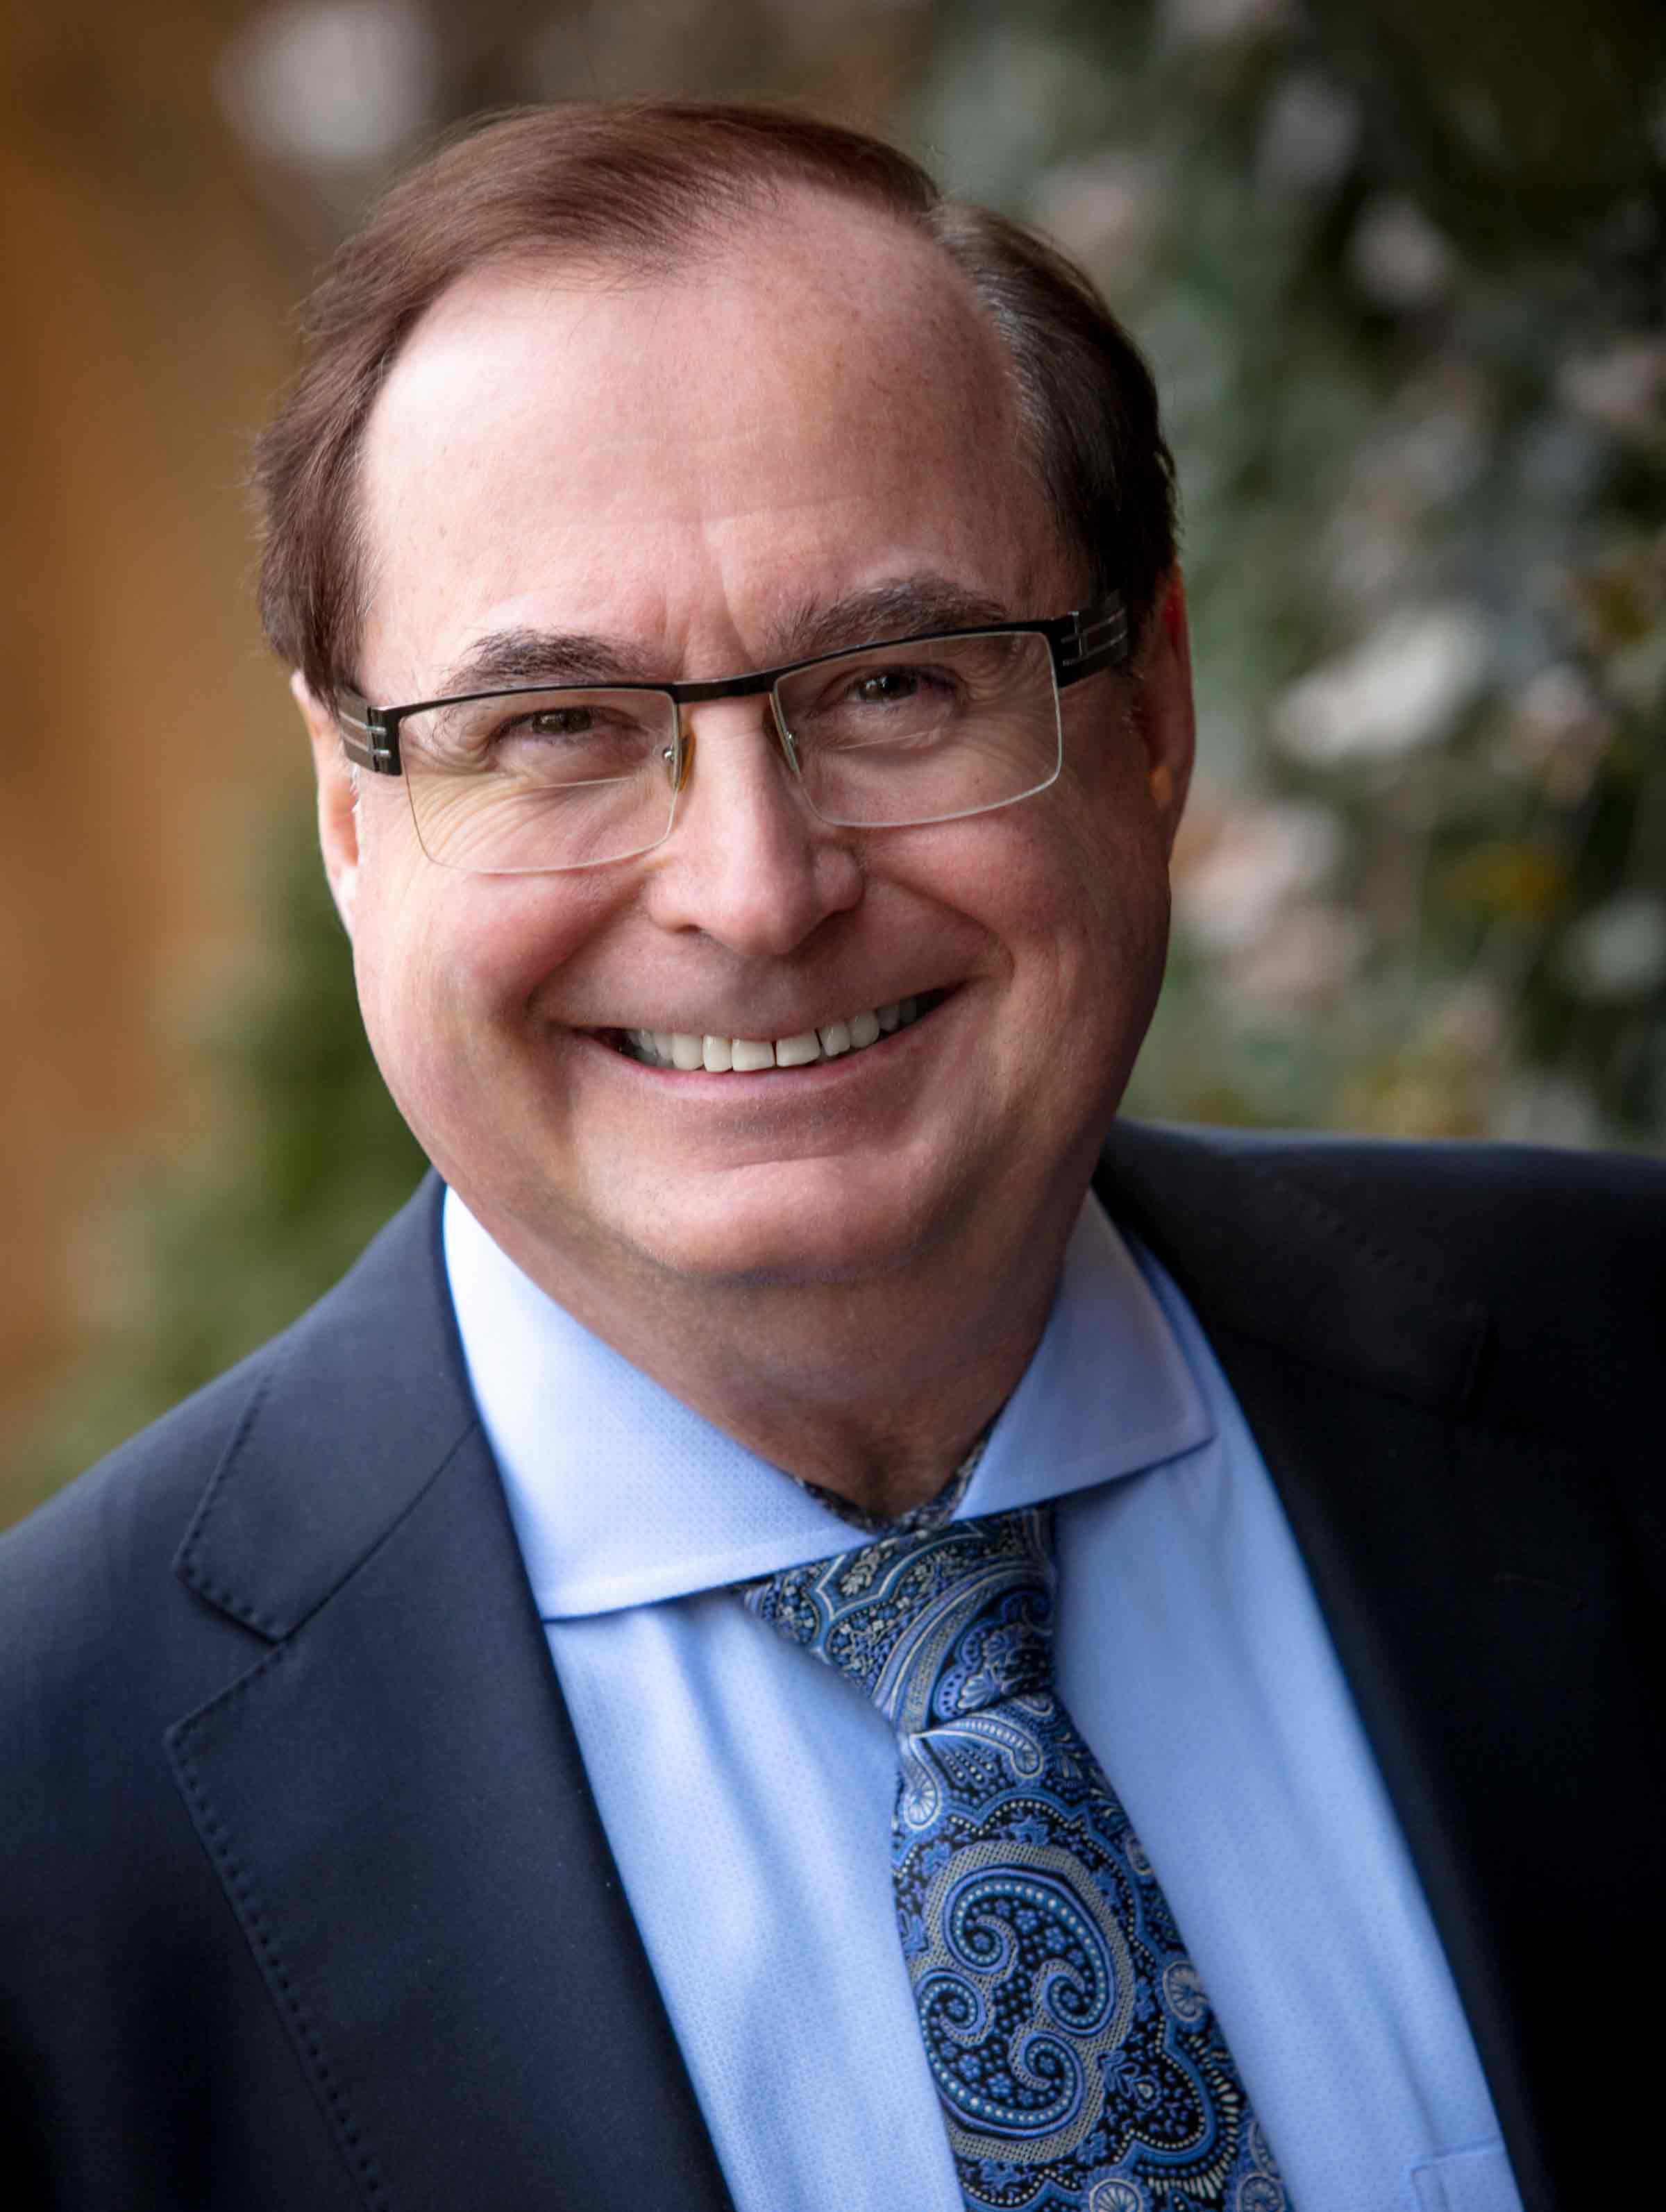 Brian L. Prill